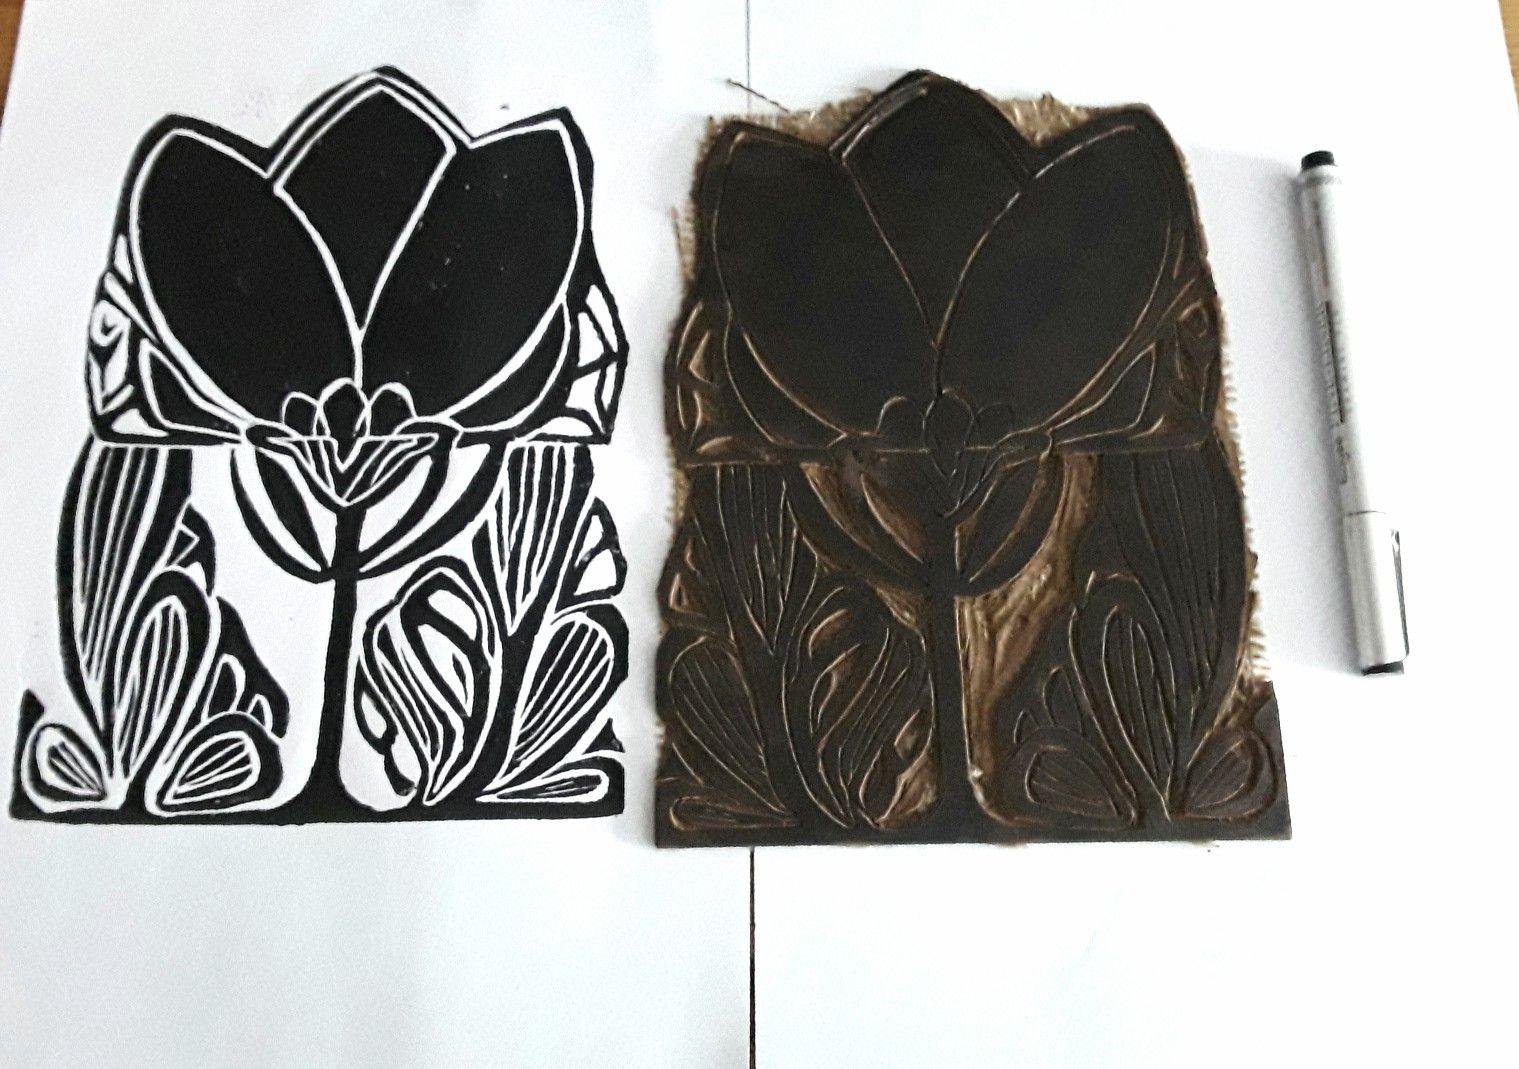 Pin by สิริรัตน์ ภมรพล on Linocuts Linocut, Printmaking